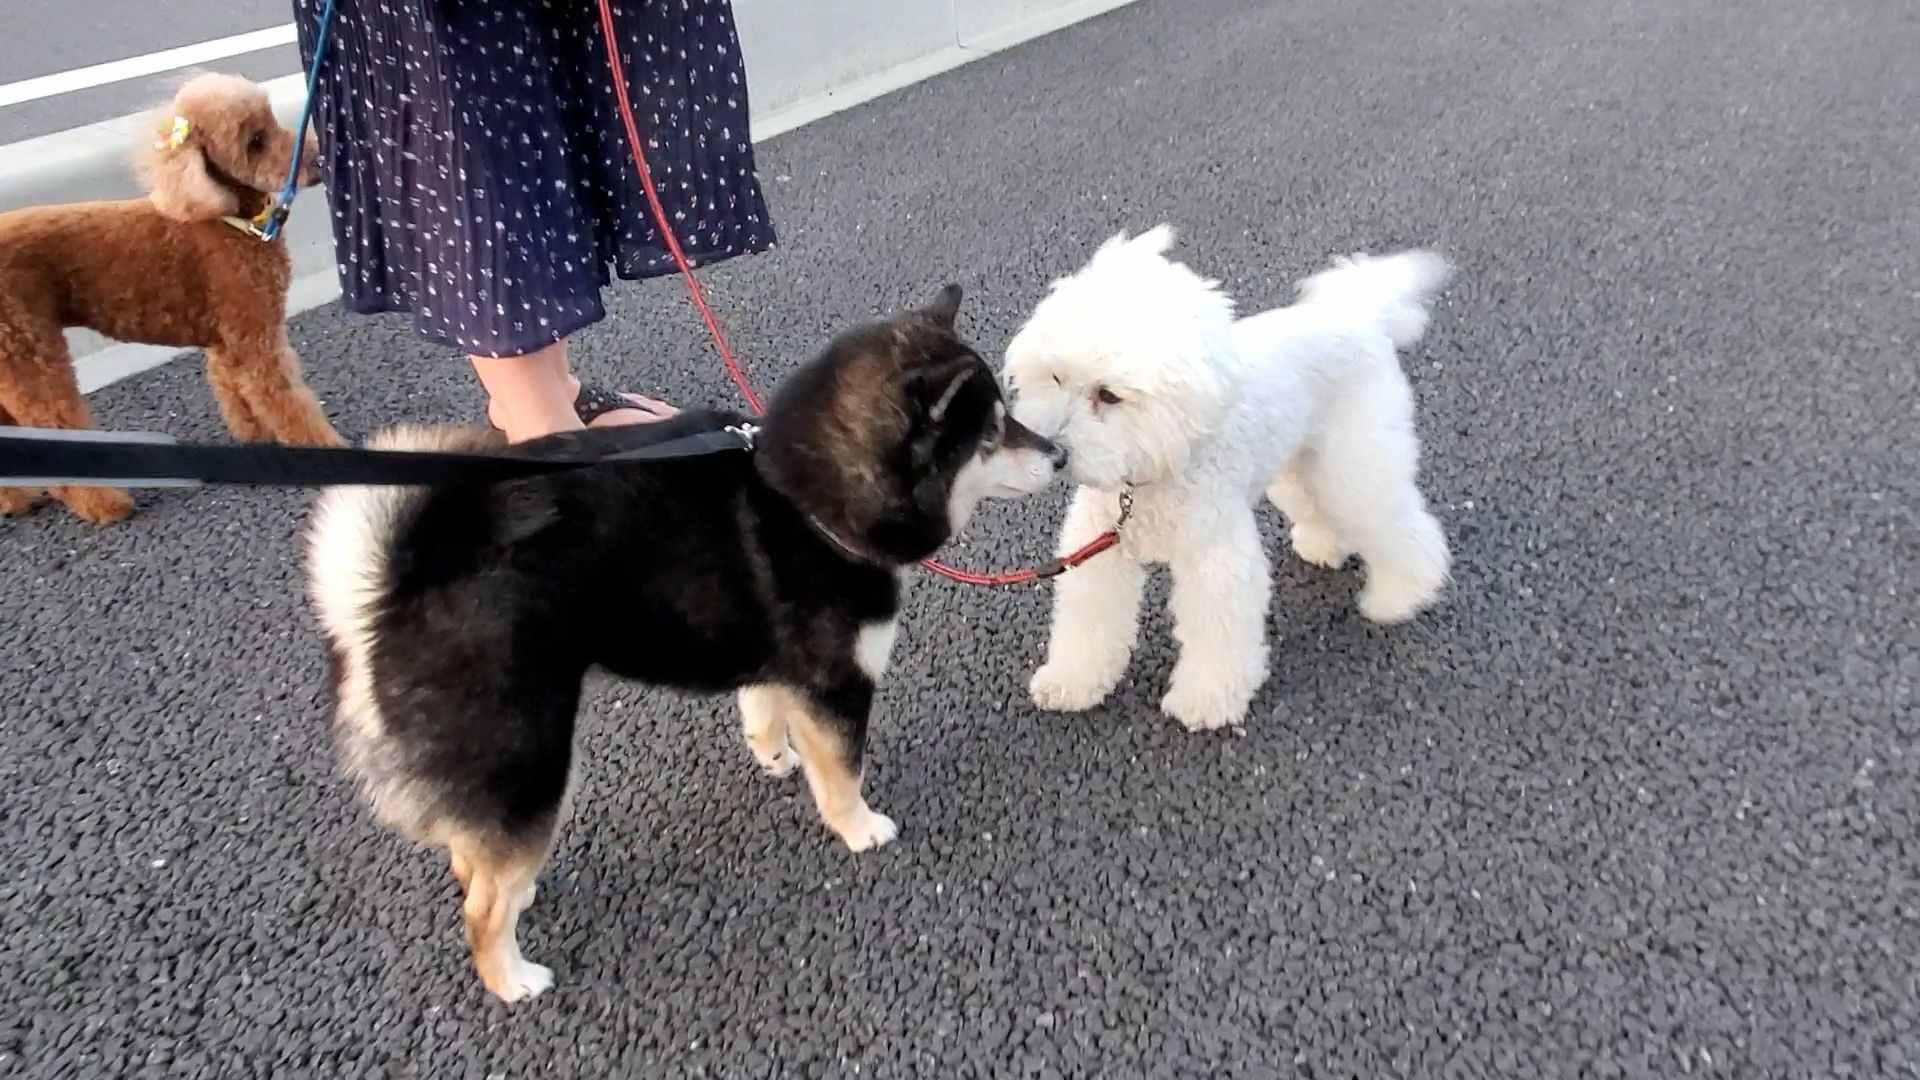 白い犬と黒い犬が鼻をくっつけている